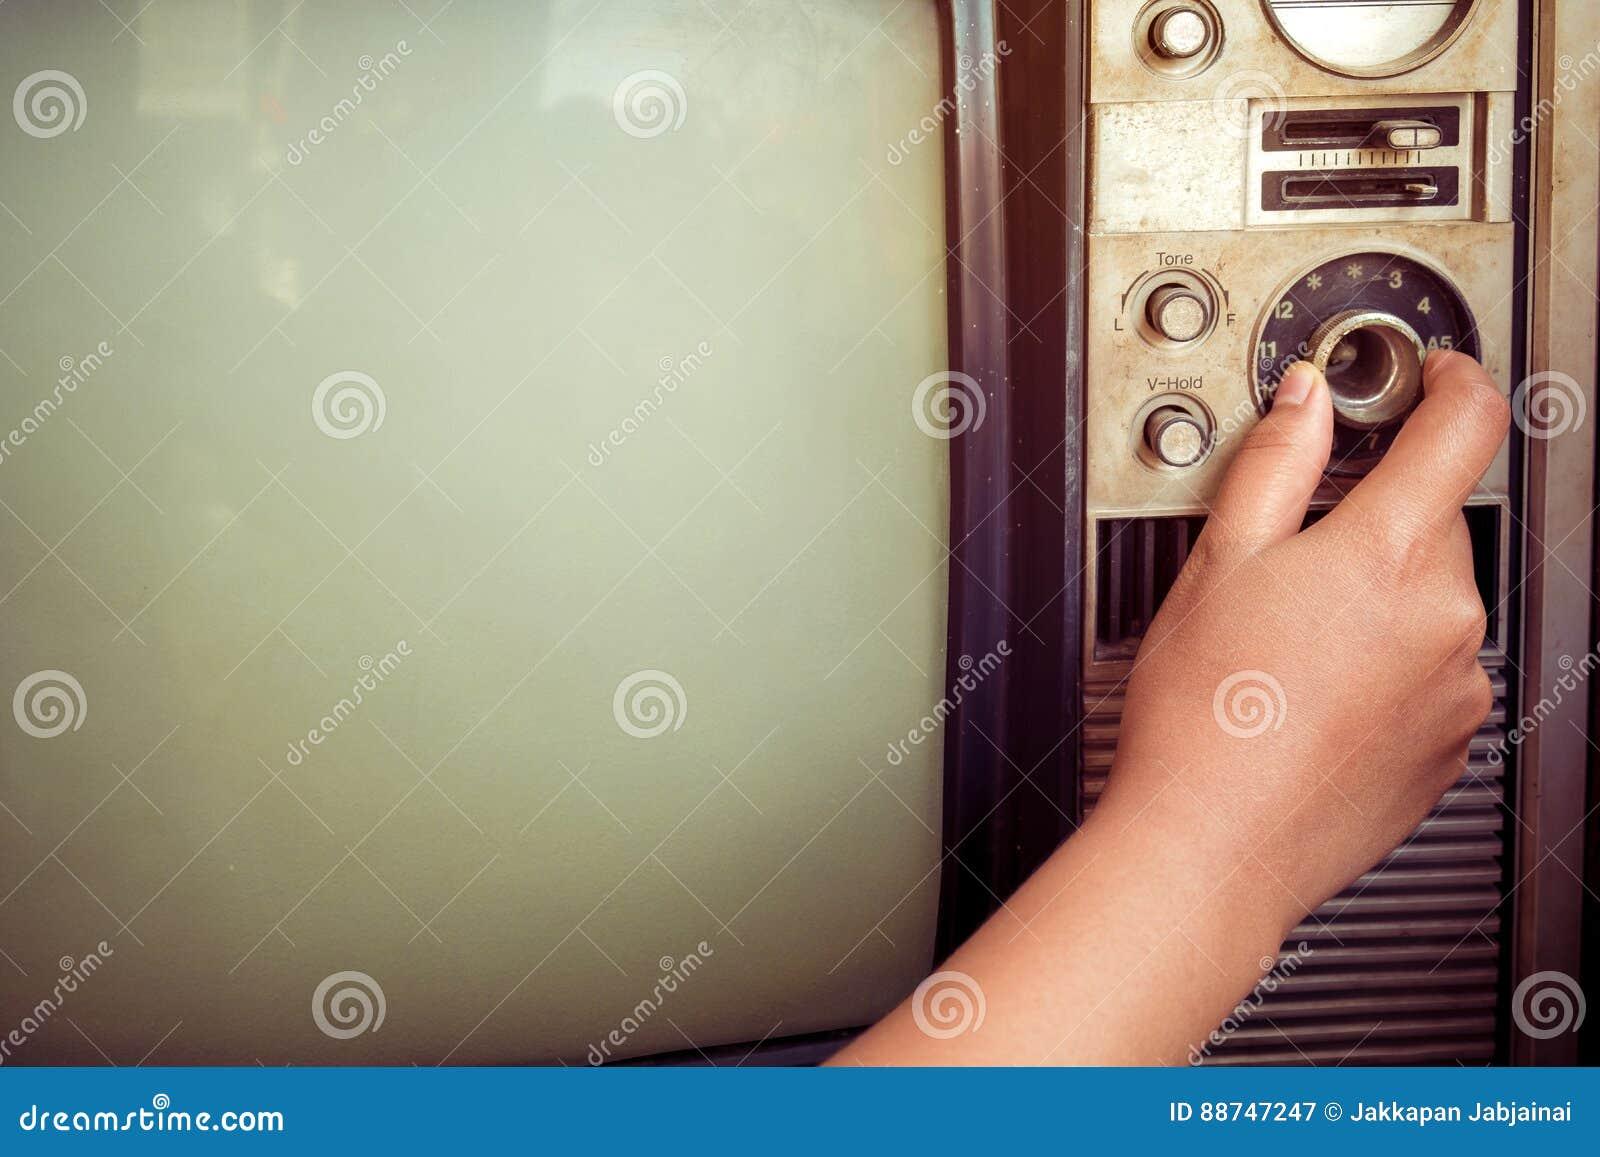 Mano de la mujer que ajusta la televisión del vintage con el botón del control